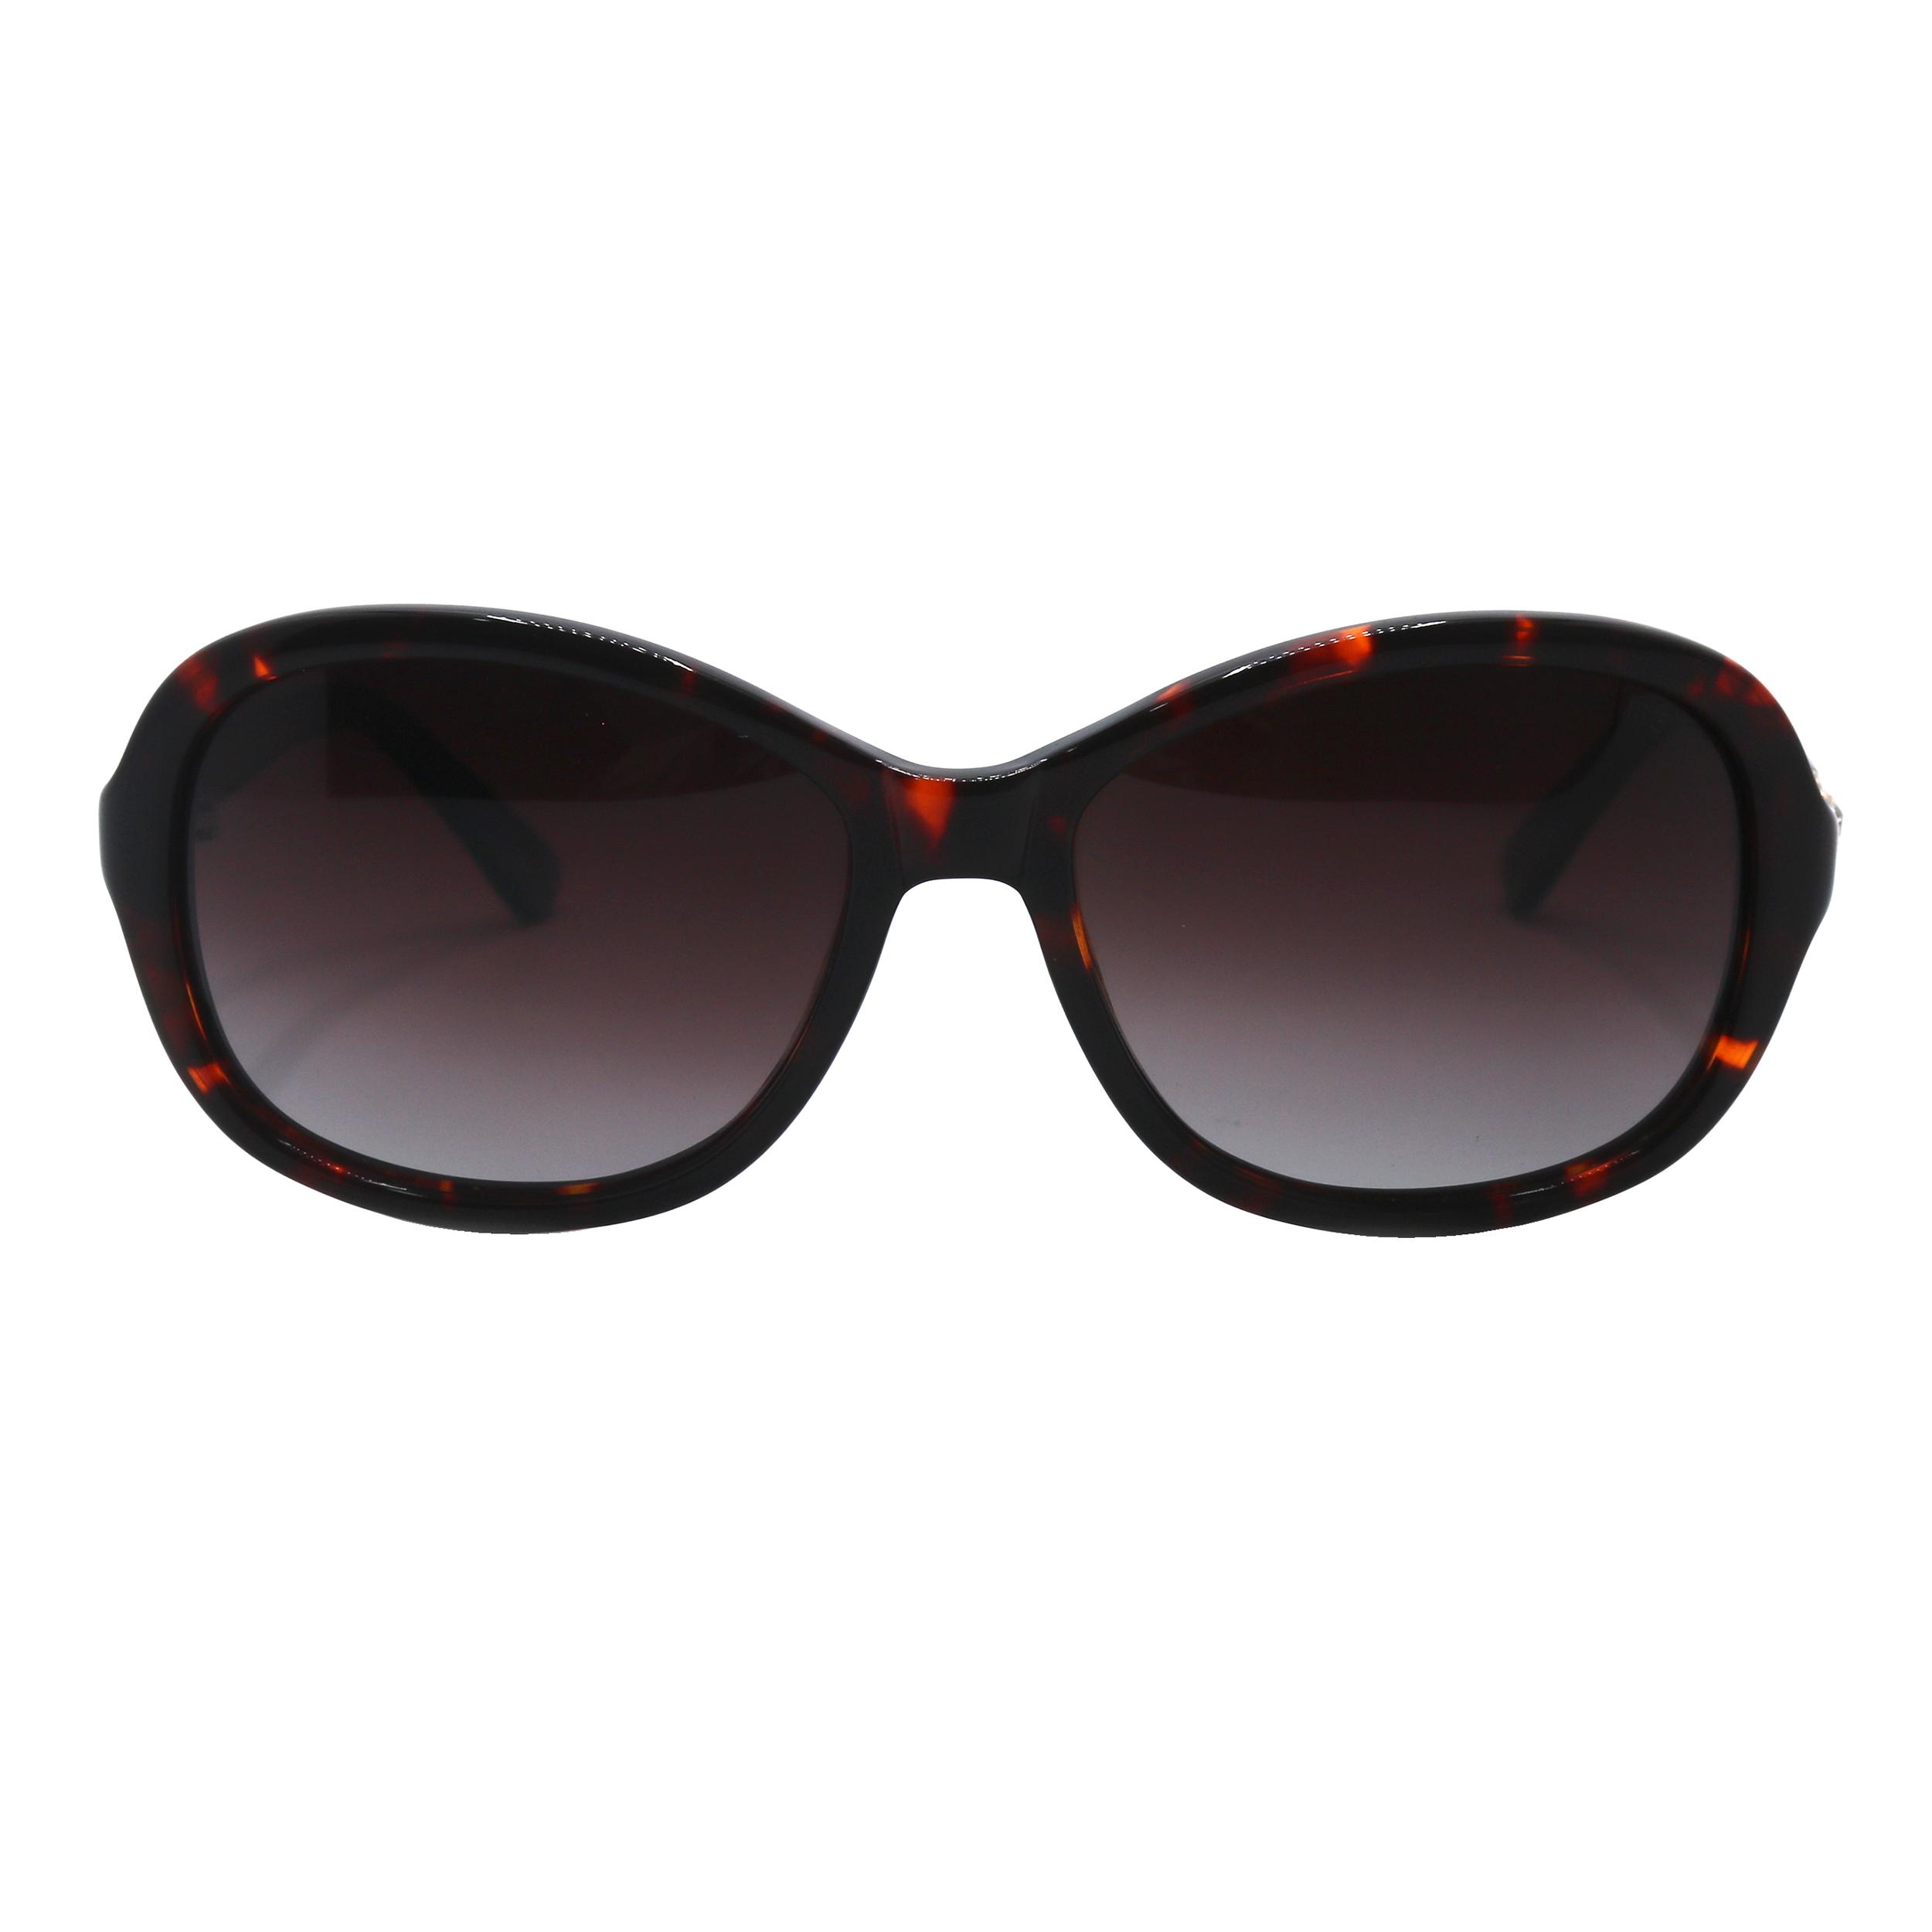 عینک آفتابی زنانه پروپویس مدل  PP-322